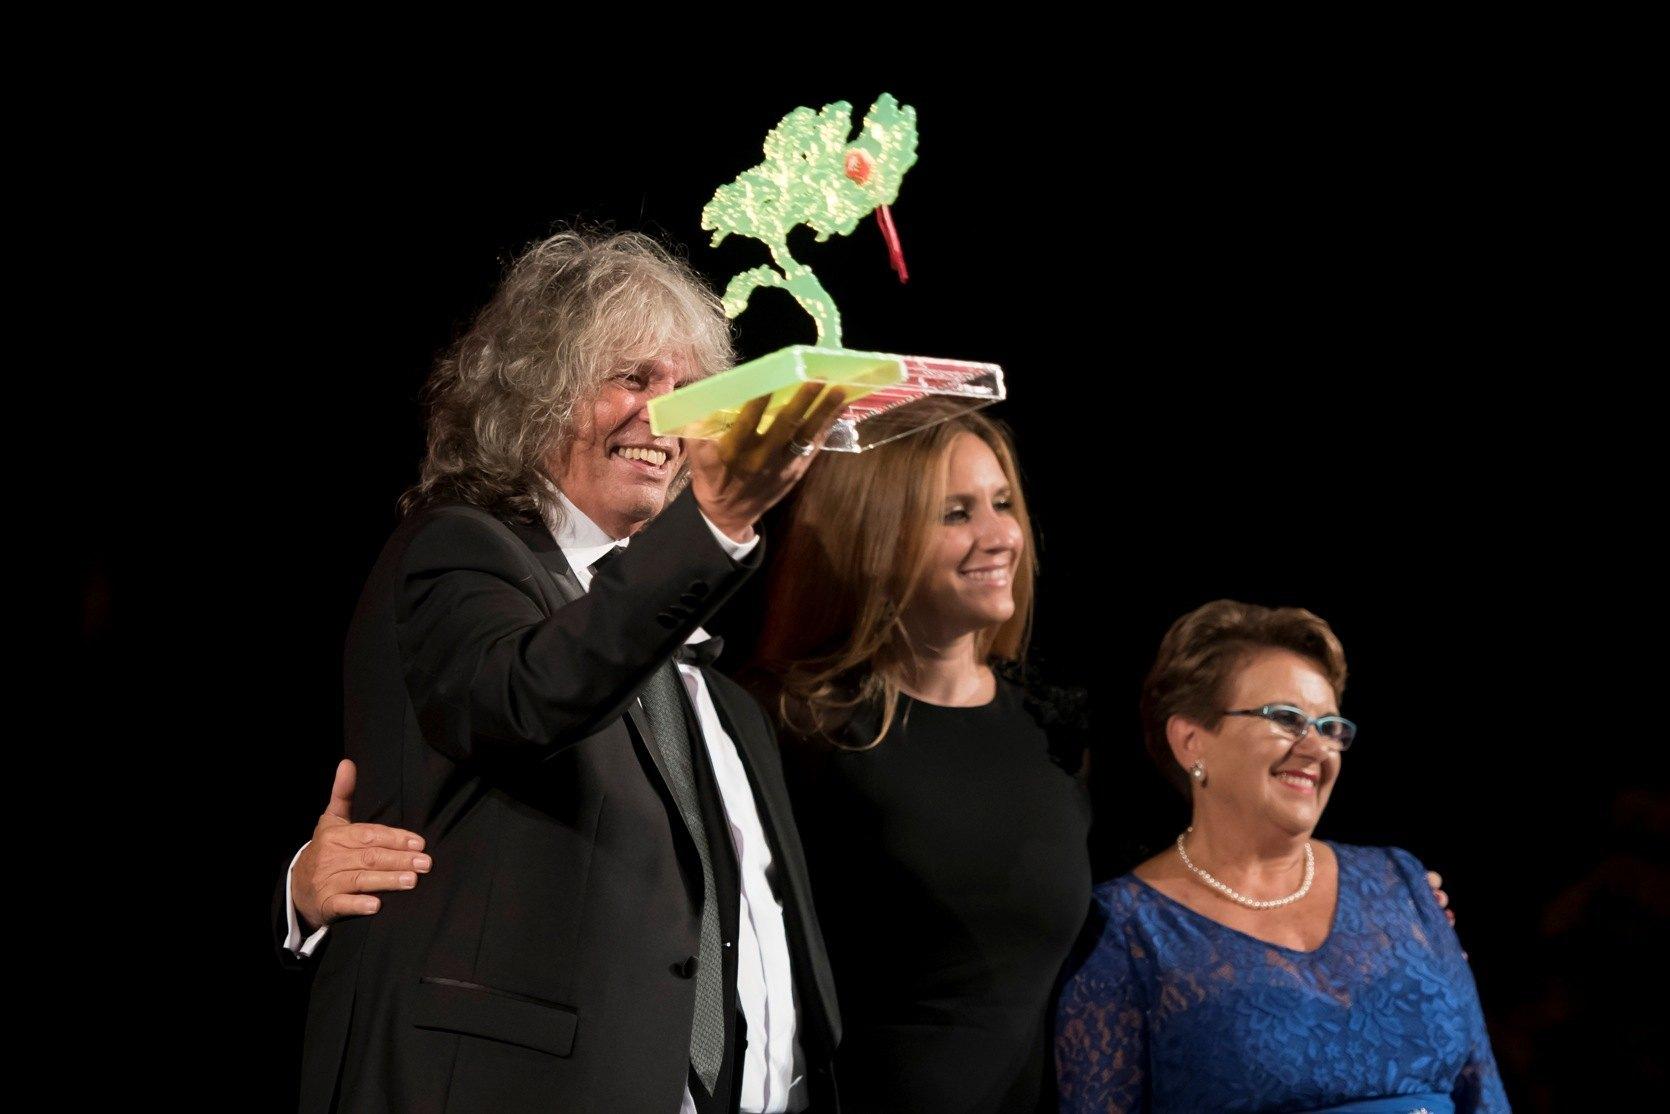 José Mercé con el galardón de los XII Premios Escaparate